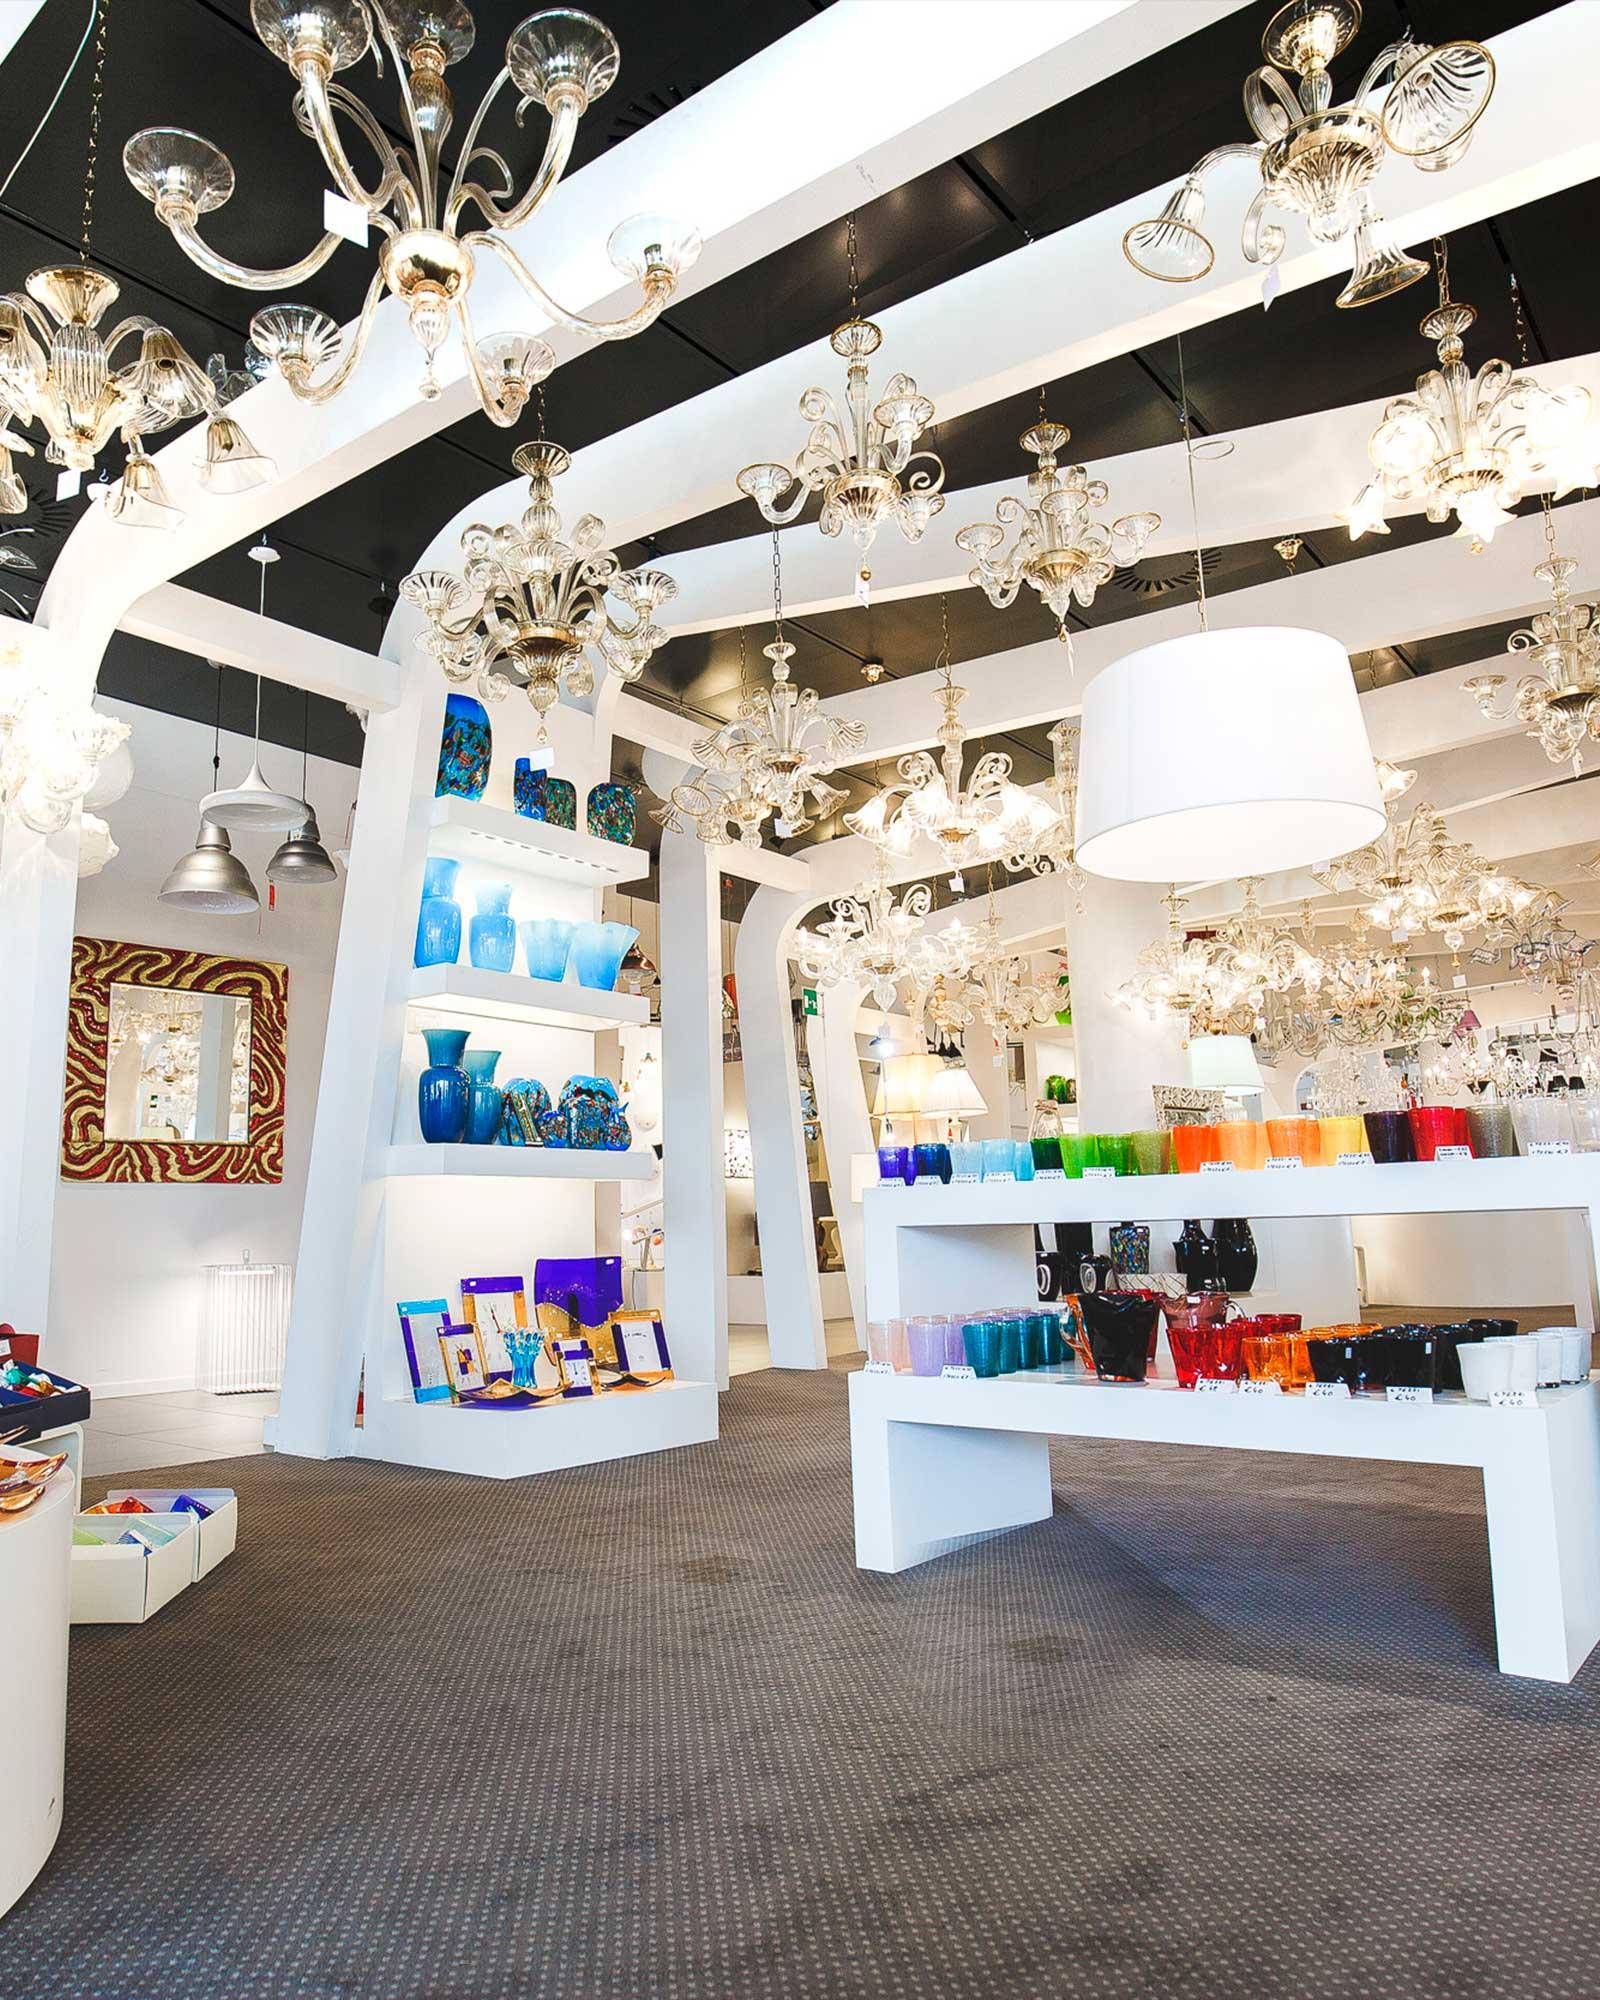 Faretti E Spot Da Soffitto vendita lampadari e lampade venezia | guerra lampadari